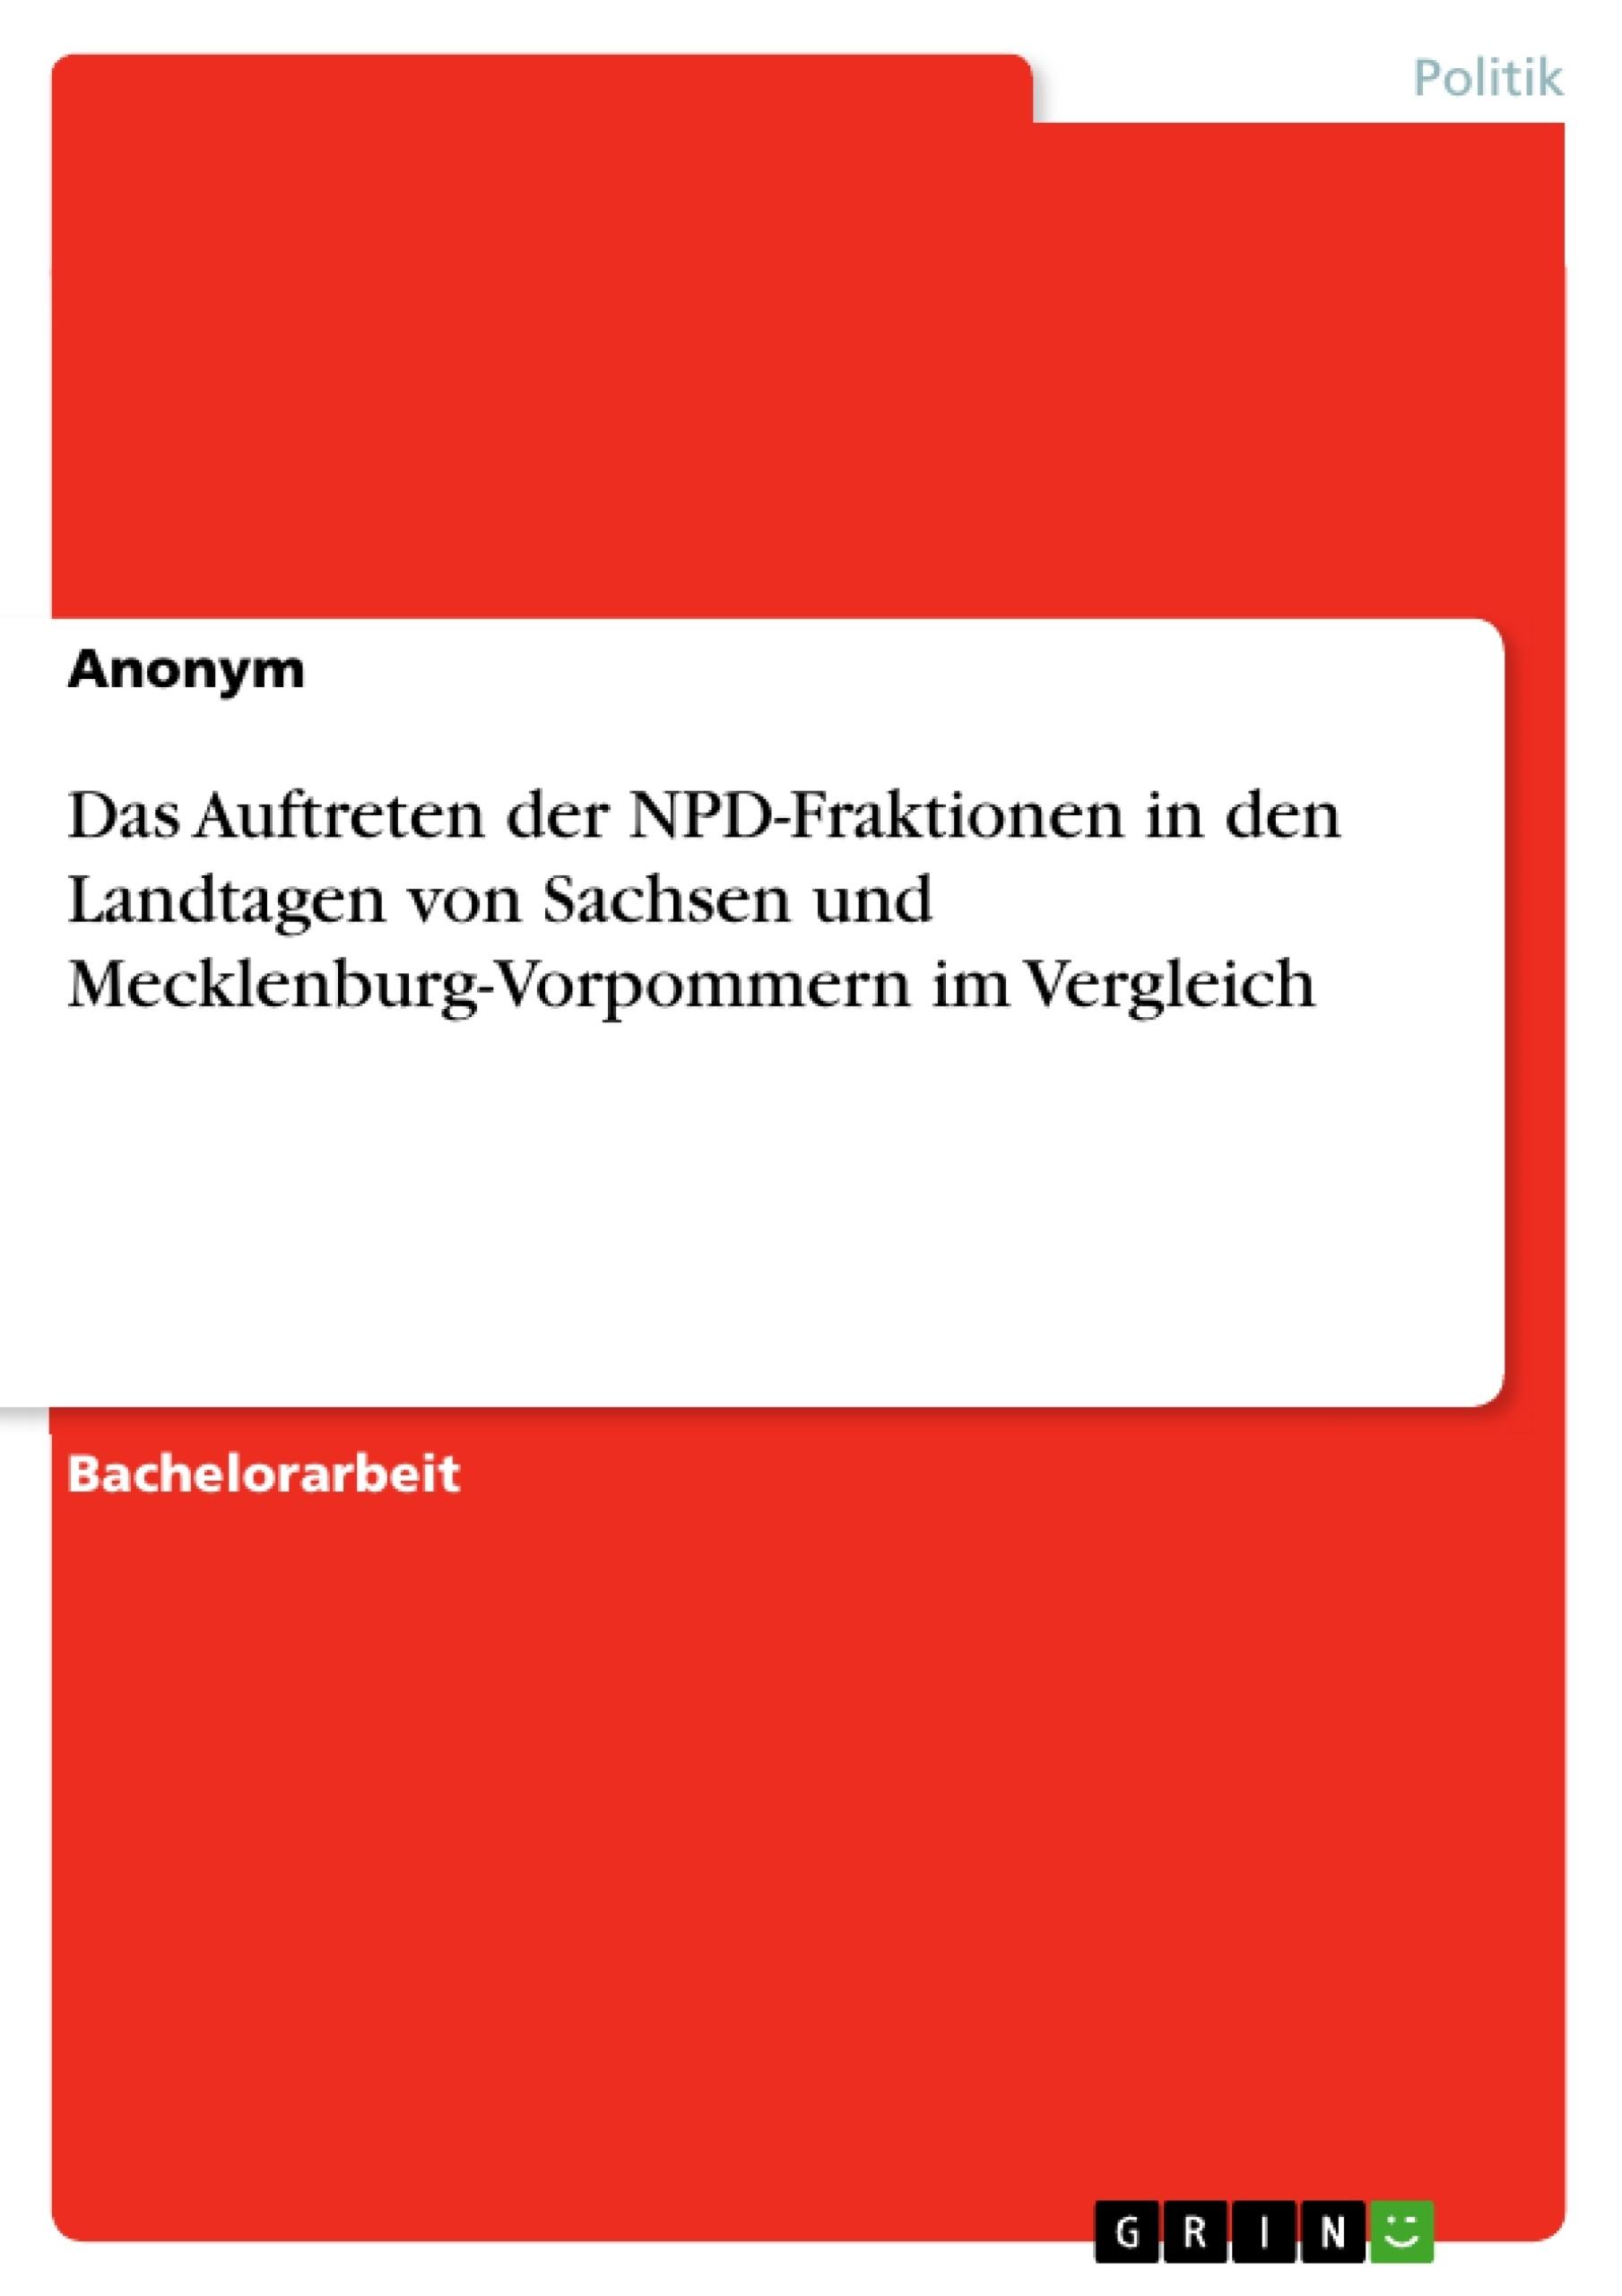 Titel: Das Auftreten der NPD-Fraktionen in den Landtagen von Sachsen und Mecklenburg-Vorpommern im Vergleich